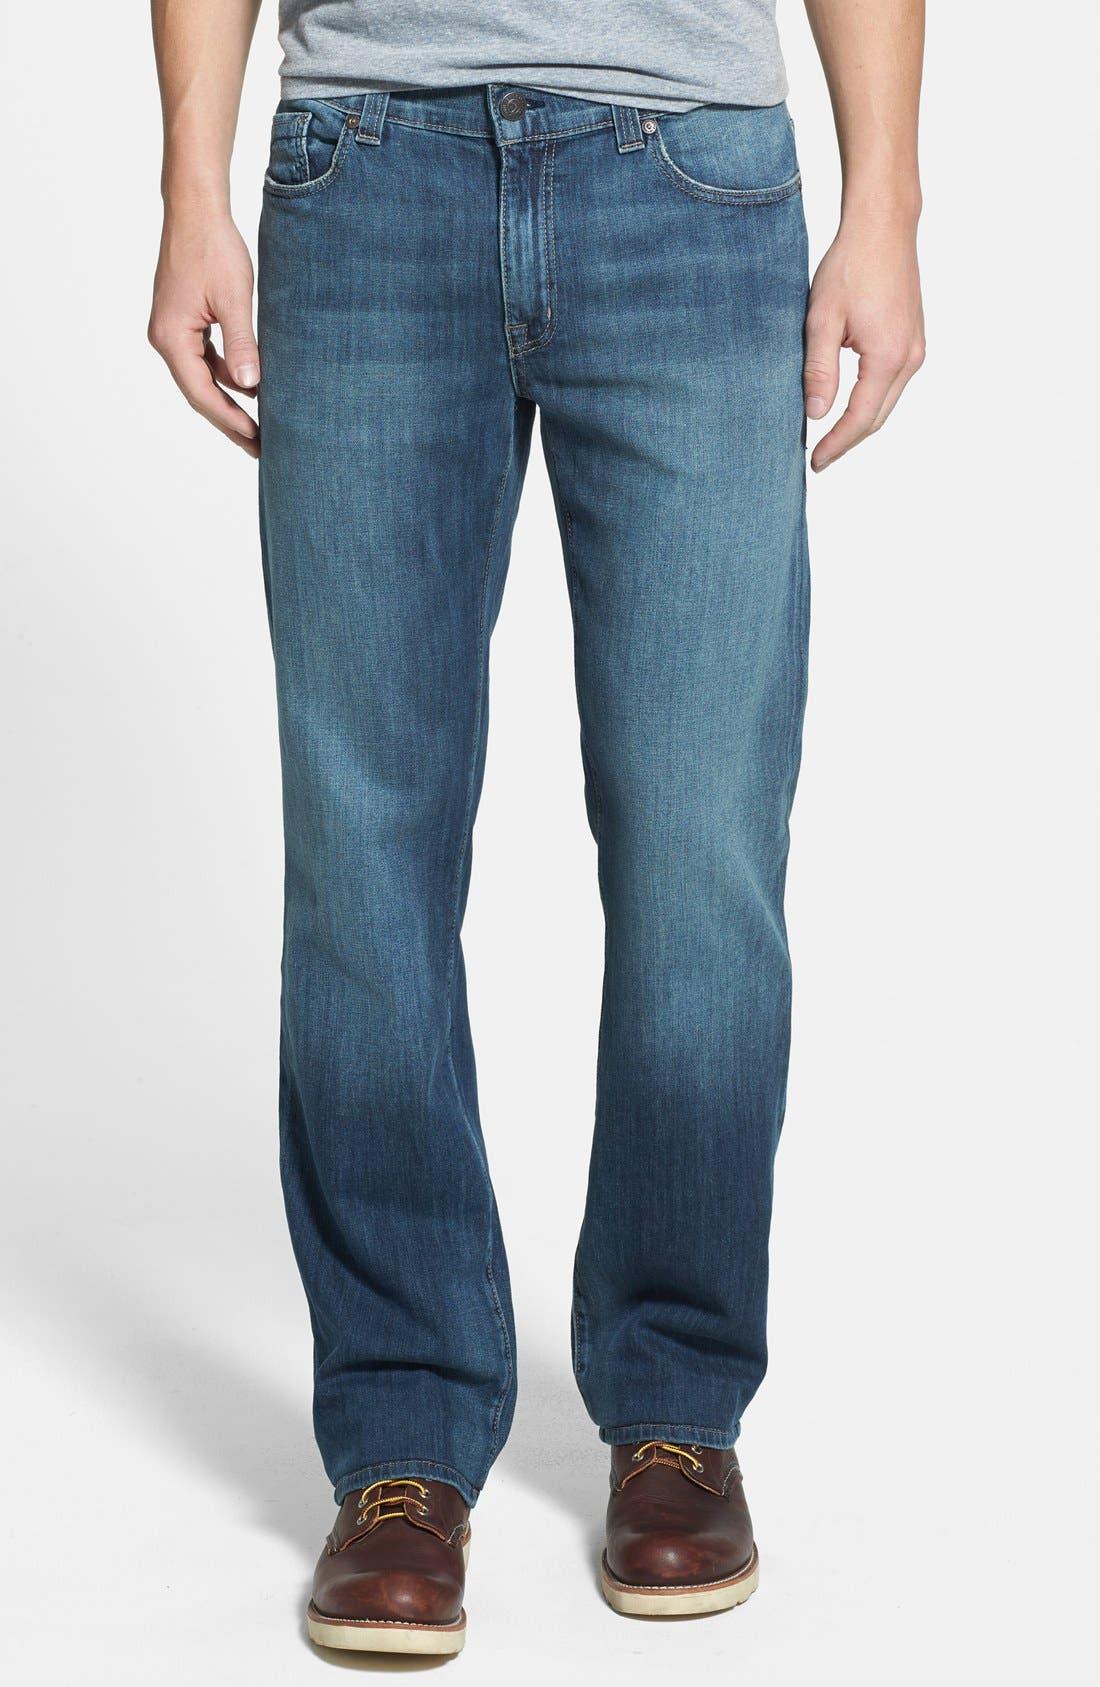 Alternate Image 1 Selected - Fidelity Denim '5011' Straight Leg Jeans (Drifter Blue)